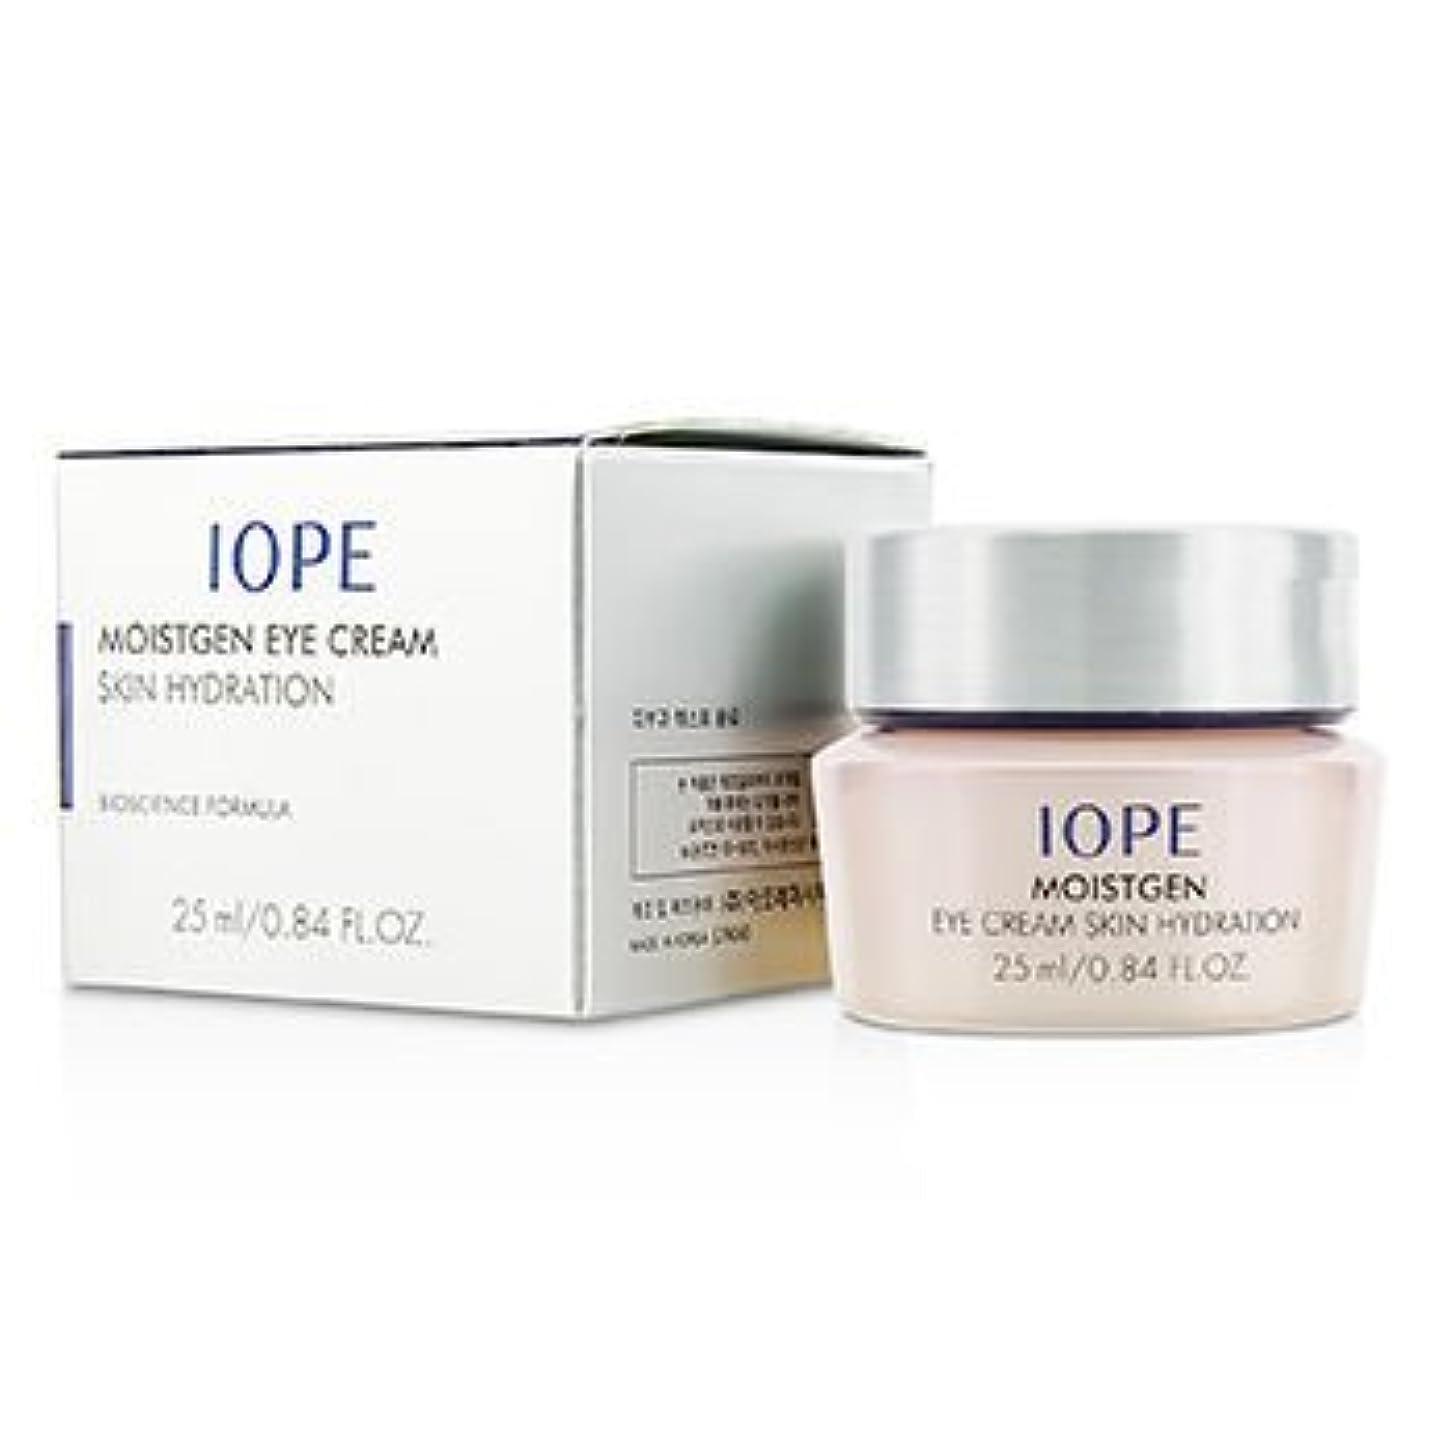 鎮痛剤アクティビティ改革[IOPE] Moistgen Eye Cream Skin Hydration 25ml/0.84oz